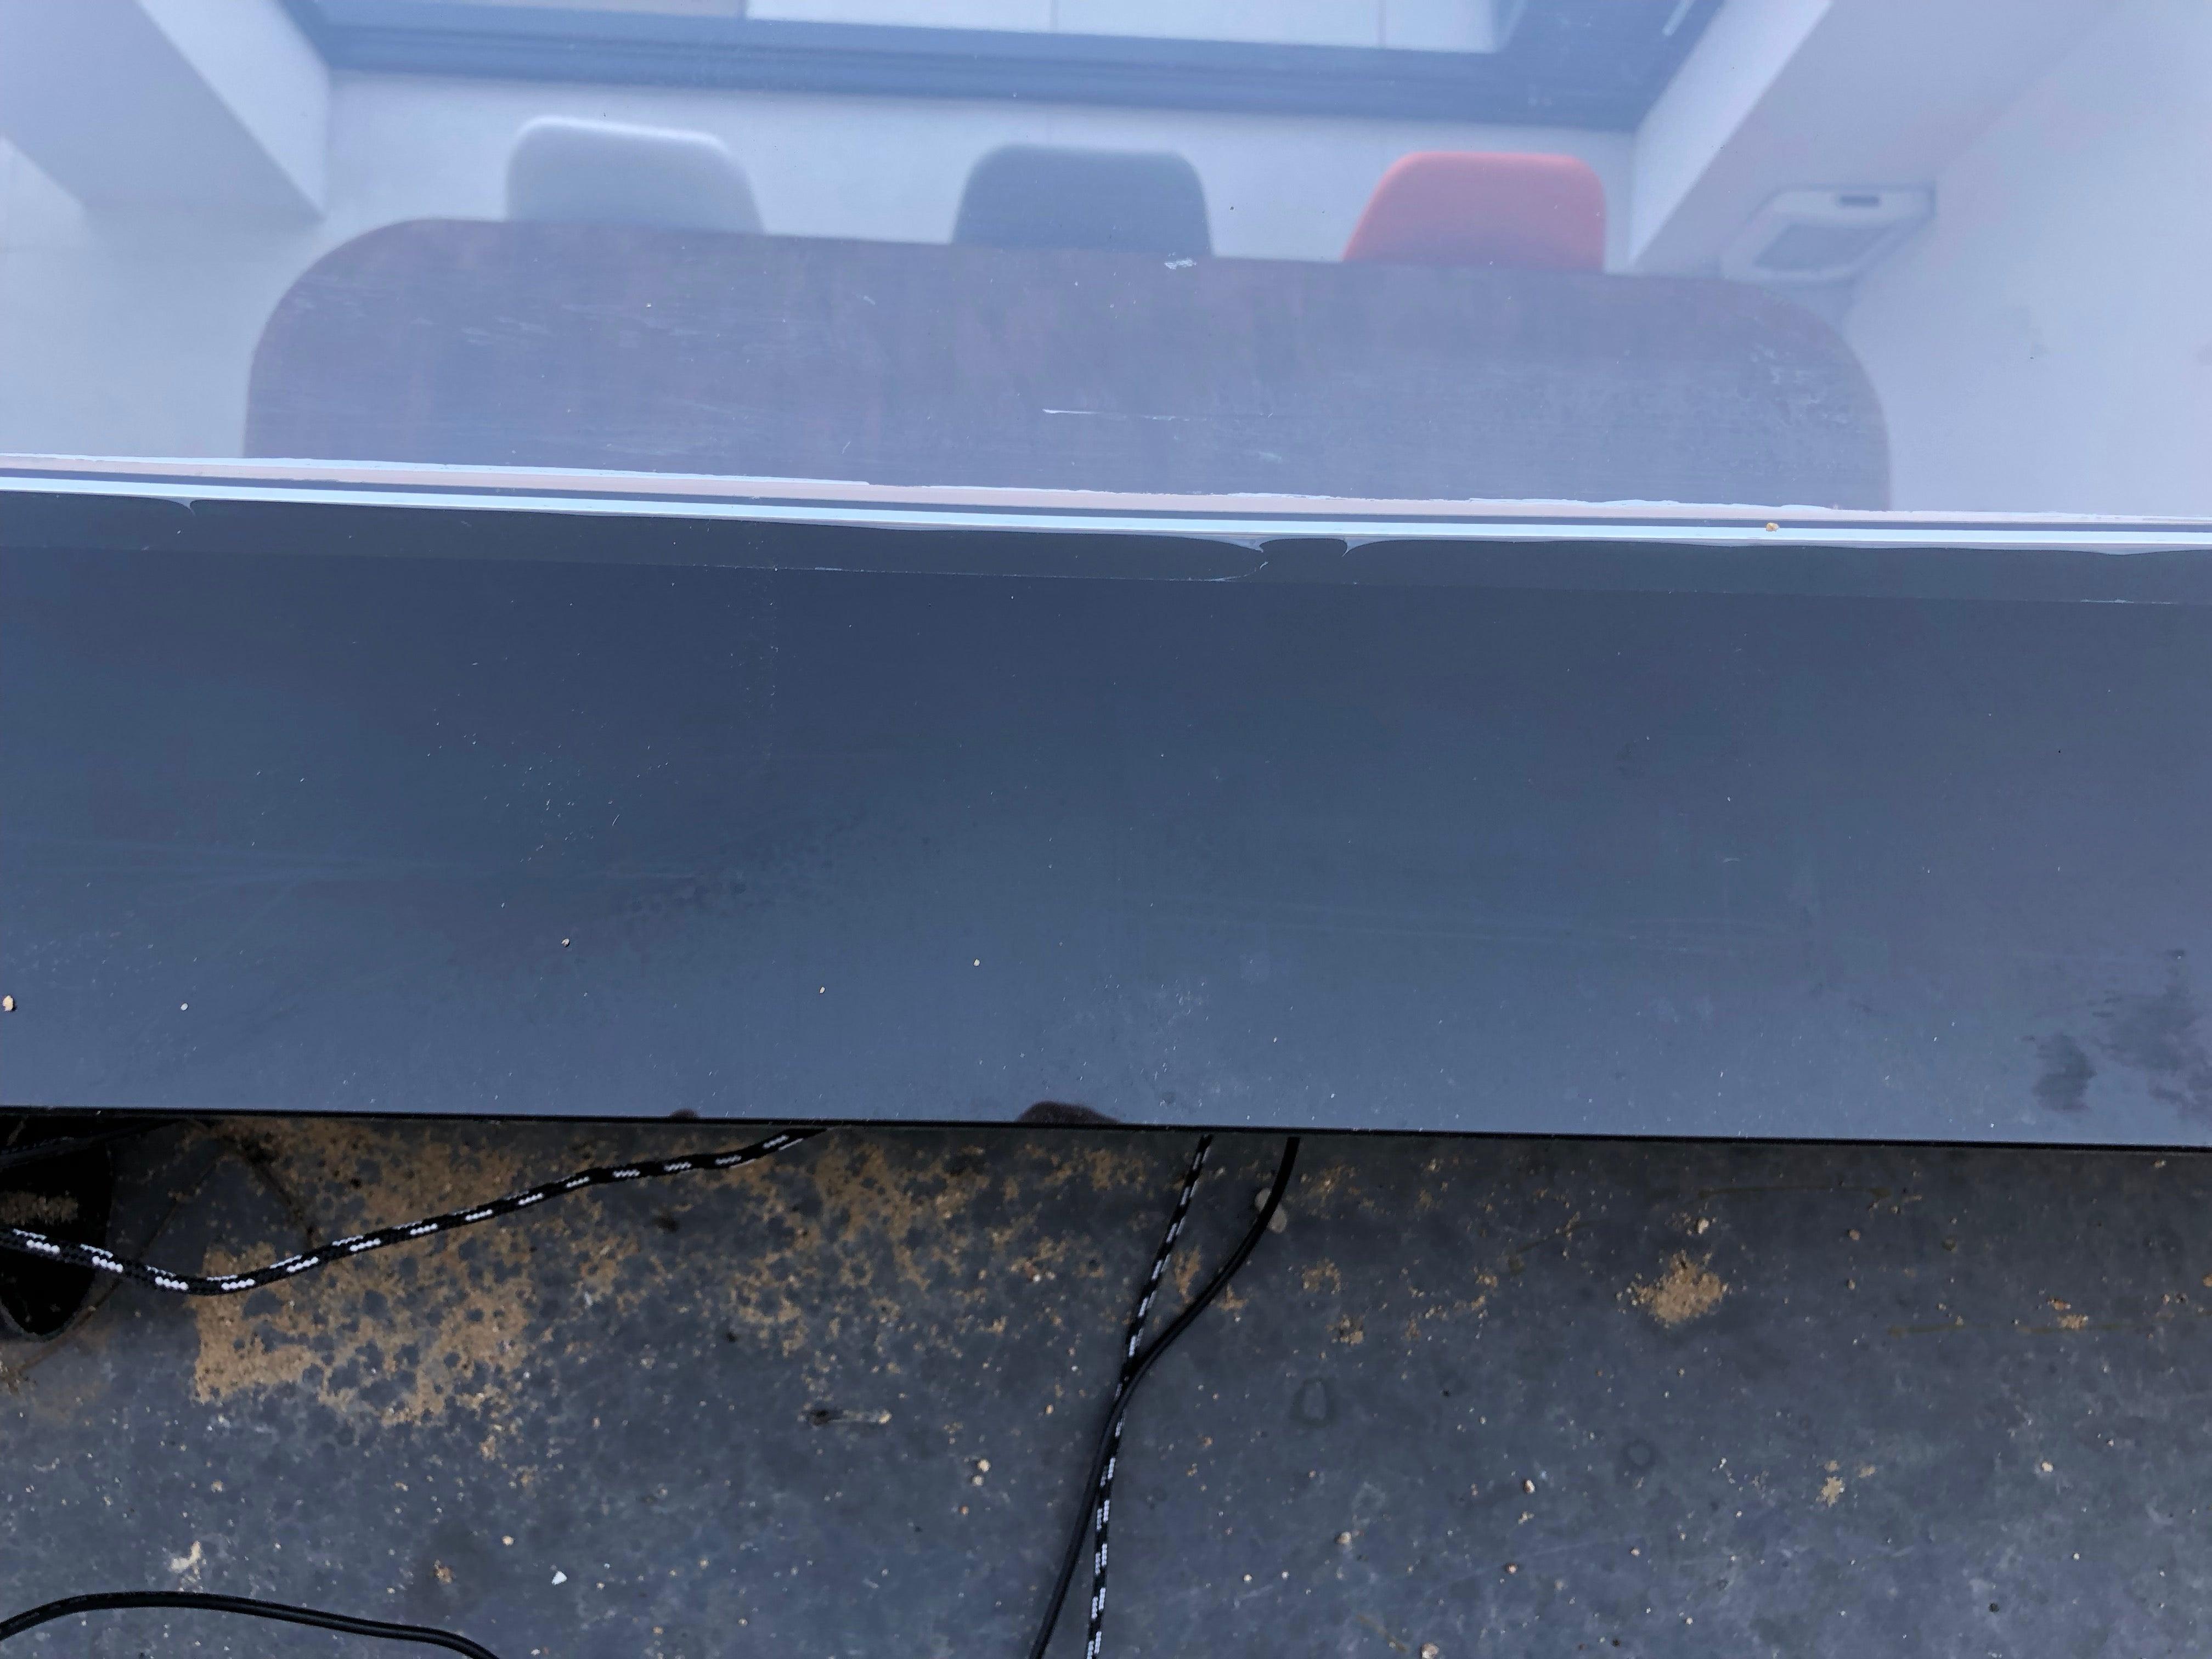 Alfawise WIN660 Robotic Window Cleaner clean window